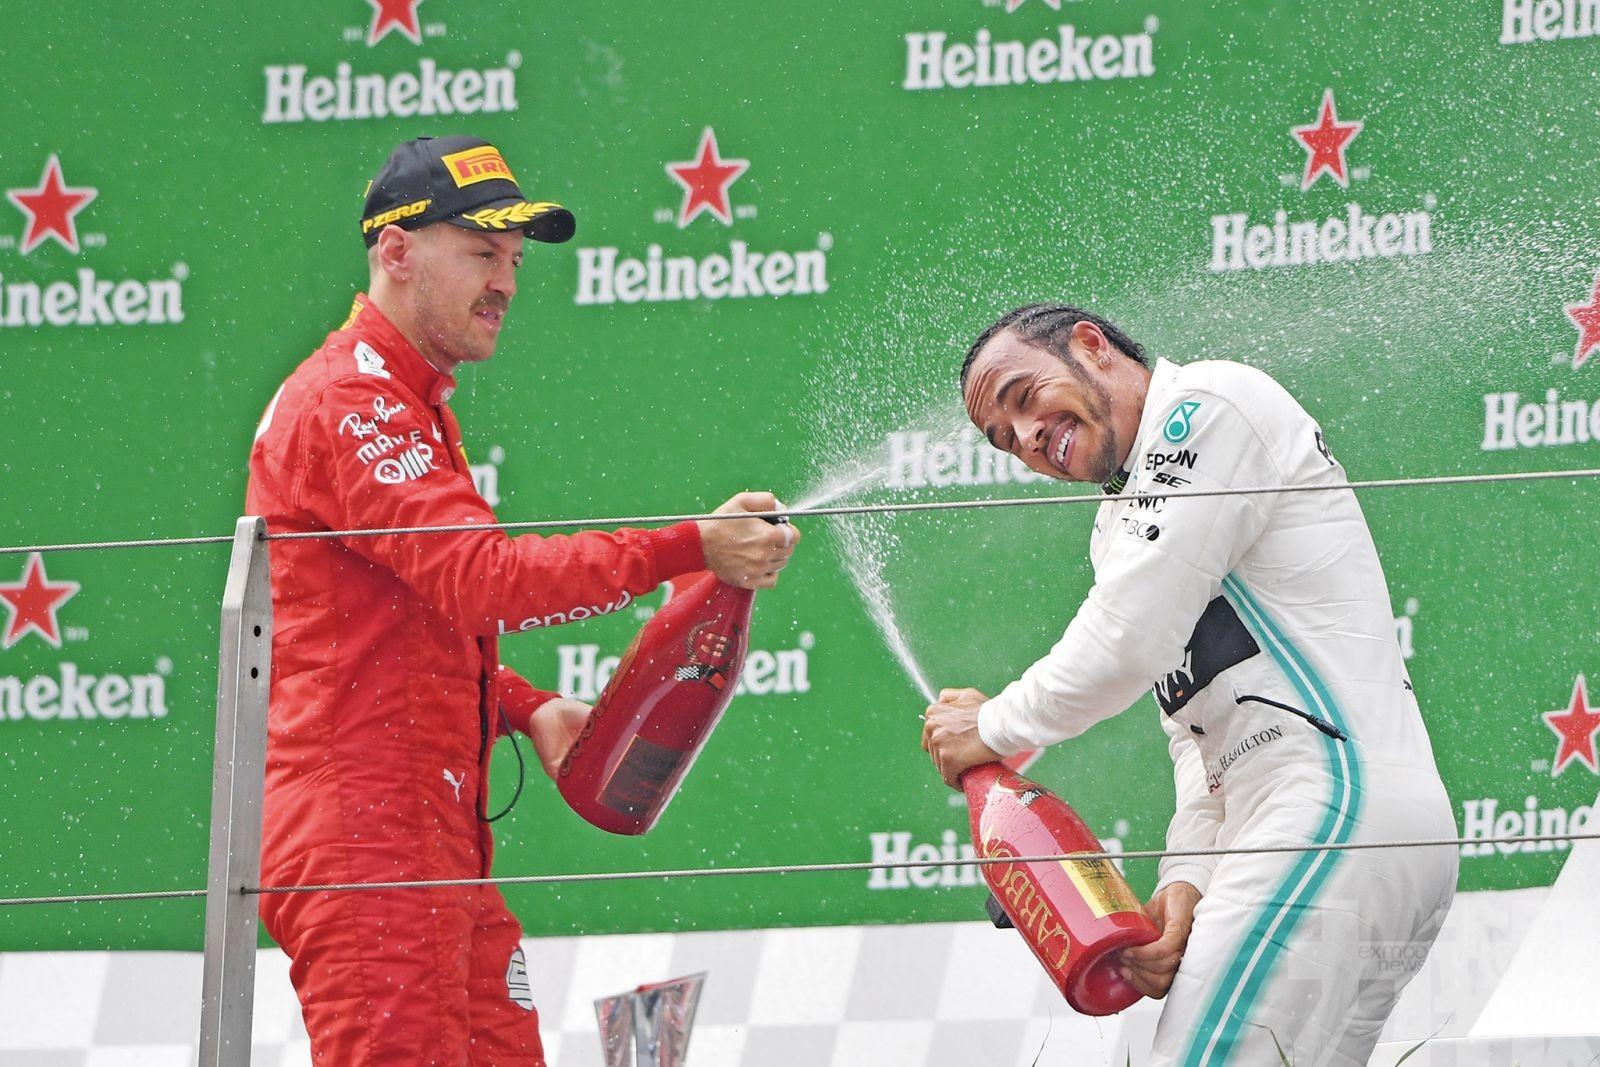 黑帝6奪F1上海站錦標